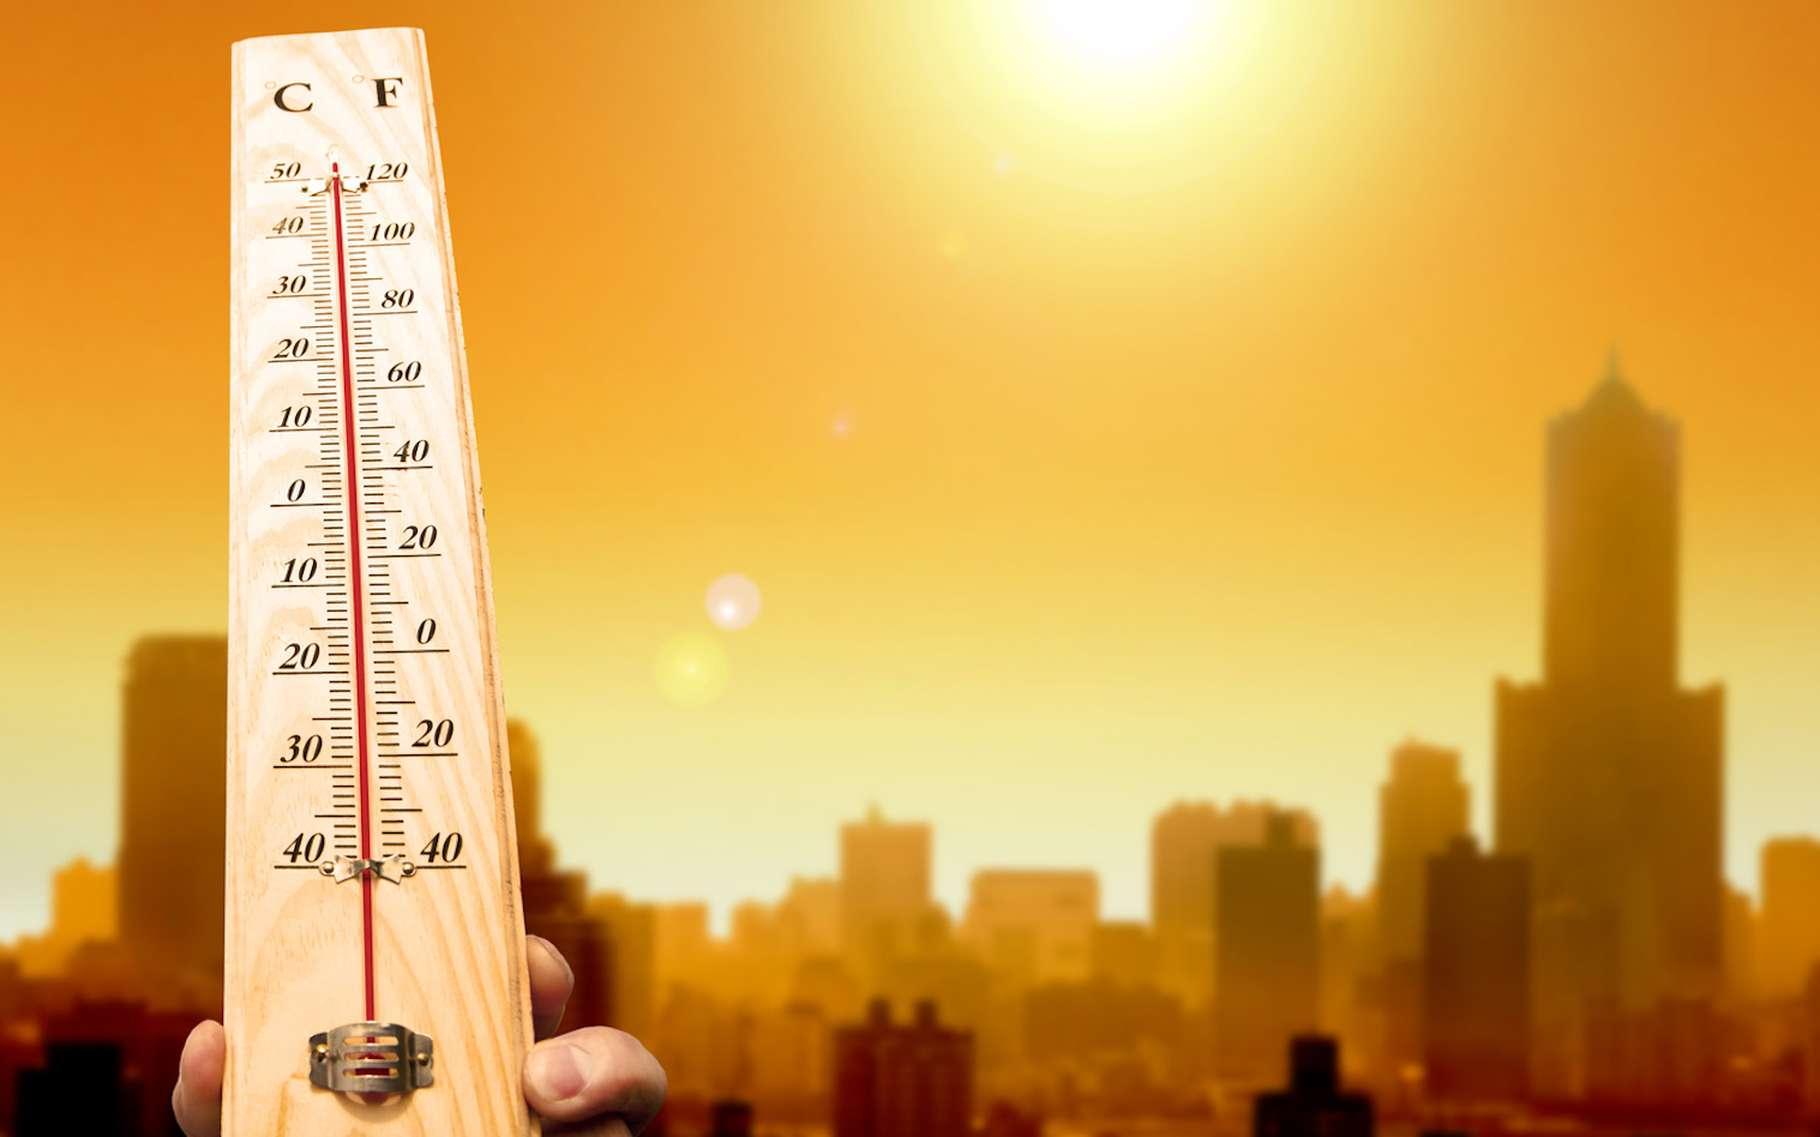 Pourquoi fait-il plus chaud en ville qu'à la campagne ?